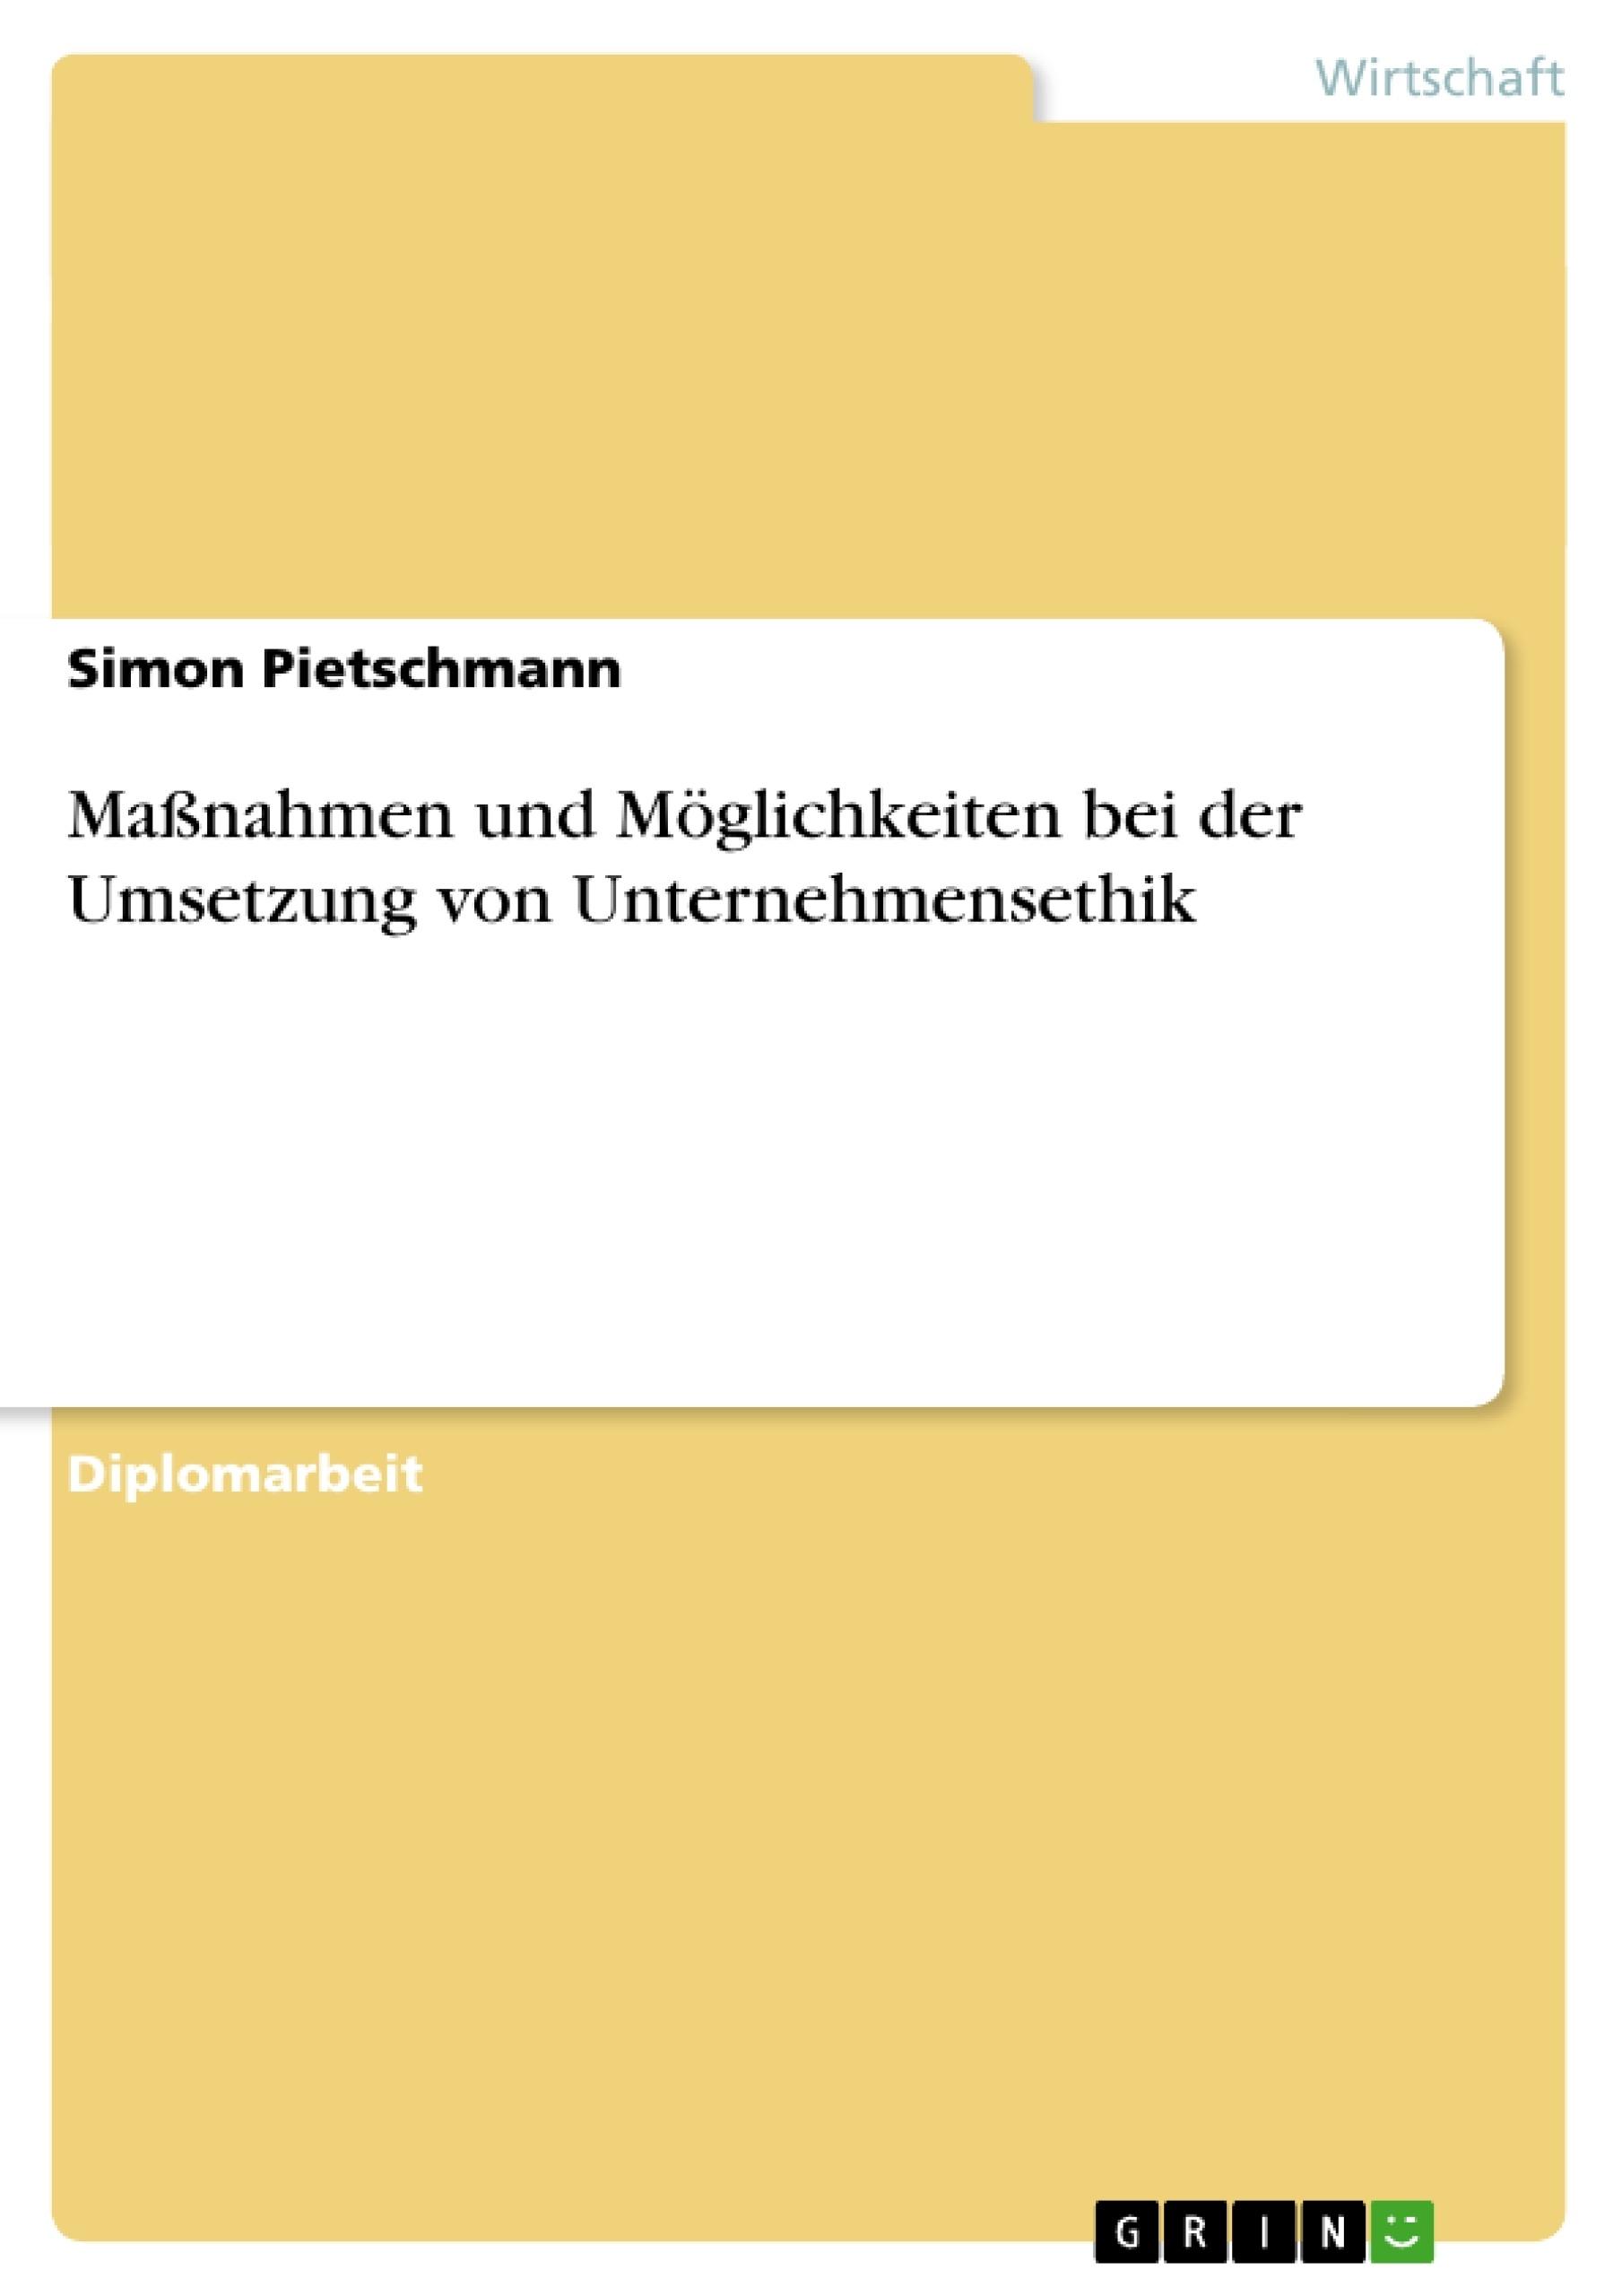 Titel: Maßnahmen und Möglichkeiten bei der Umsetzung von Unternehmensethik